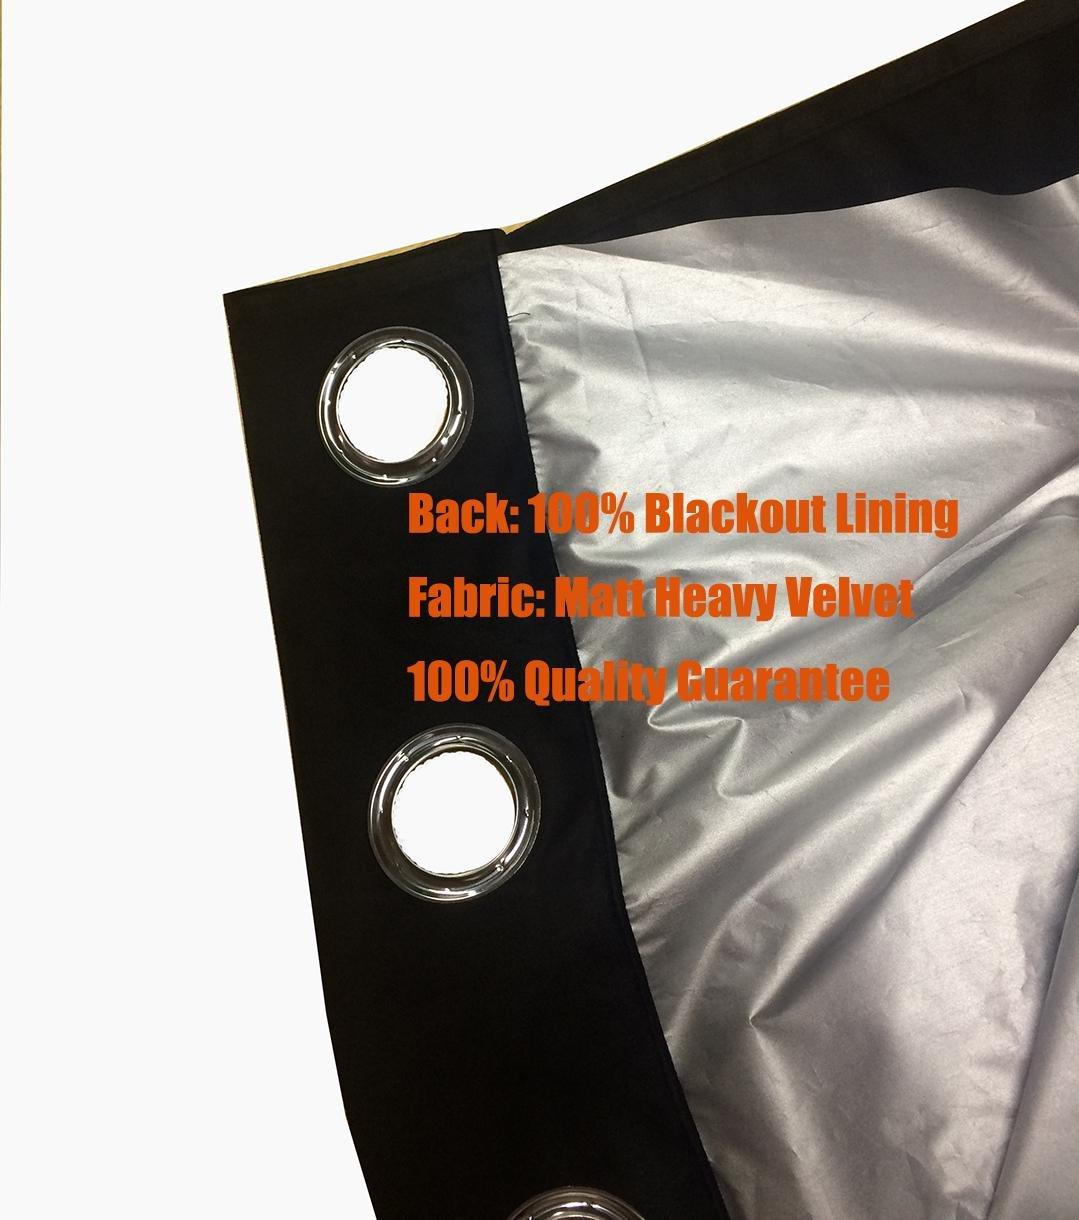 Sideli massiv Tülle matt schwere schwere schwere Samt Vorhang Tuch Panel schwarzout Super Weich in theater  bedroom  Living room  Hotel 1 Stück, grau, 46 x90 (117x228cm) B071HXSZKW Vorhnge 229981